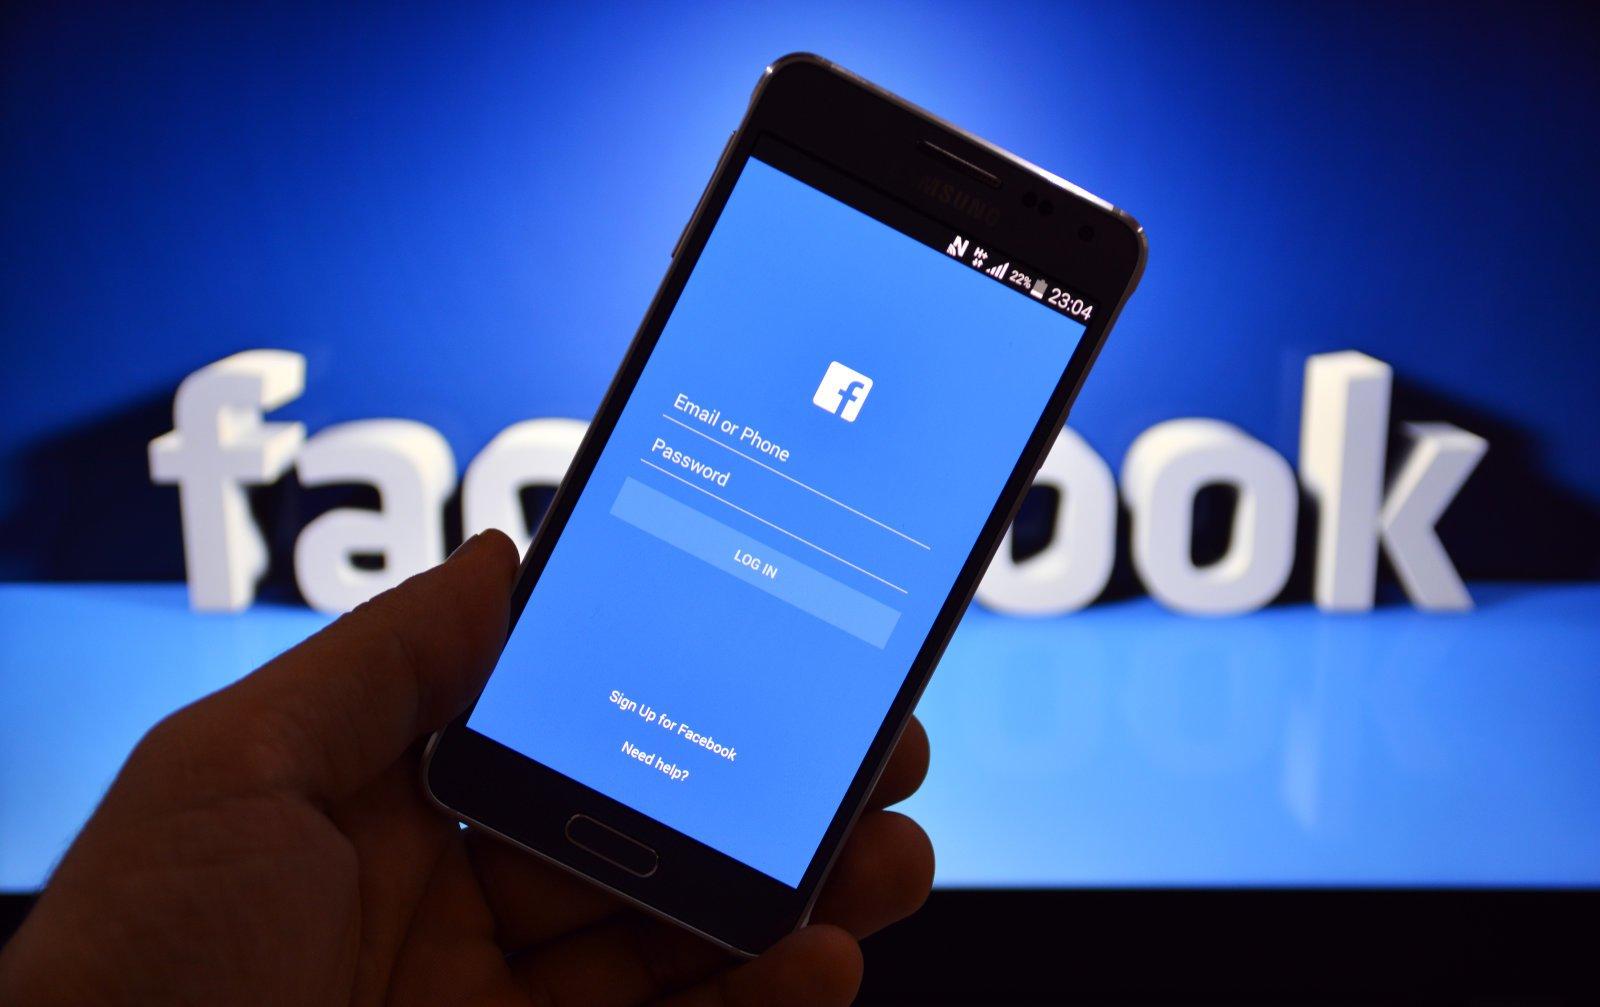 Вышла «легкая» версия фейсбук для стран 3-го мира